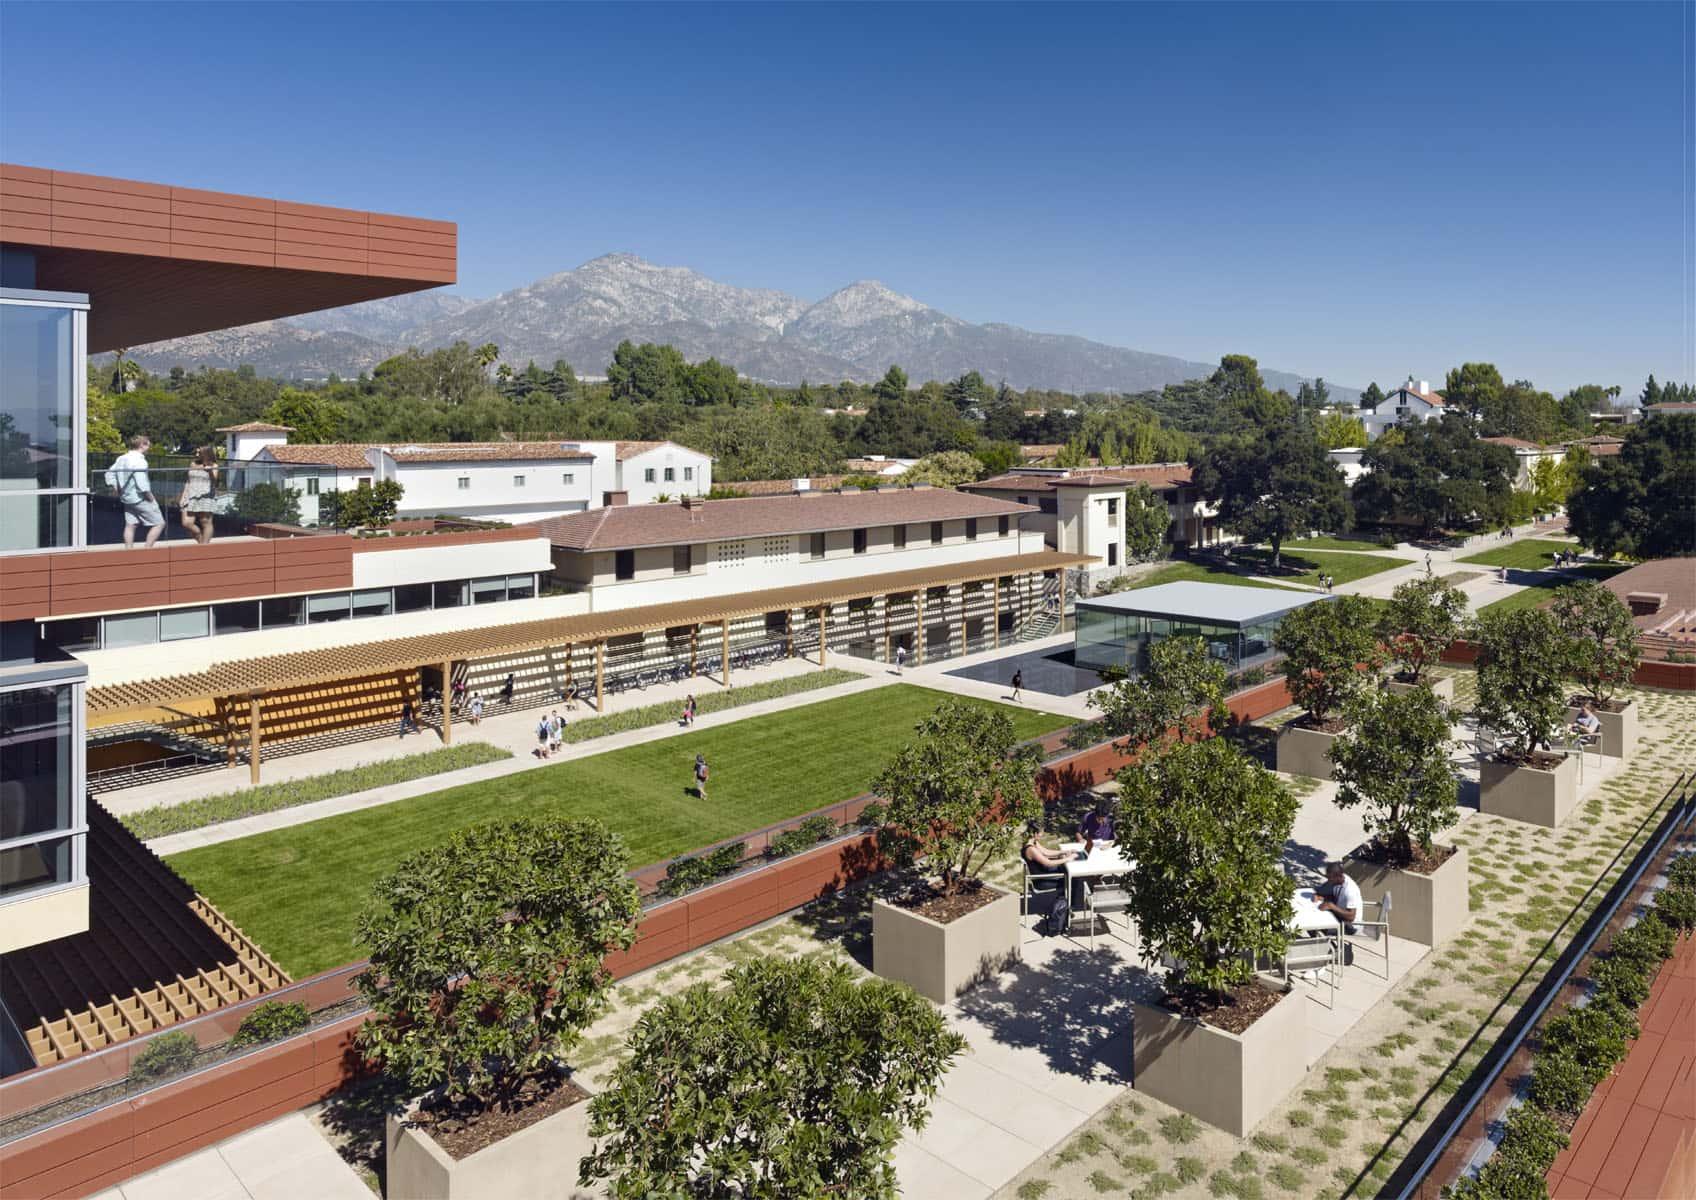 Claremont McKenna College Kravis Center